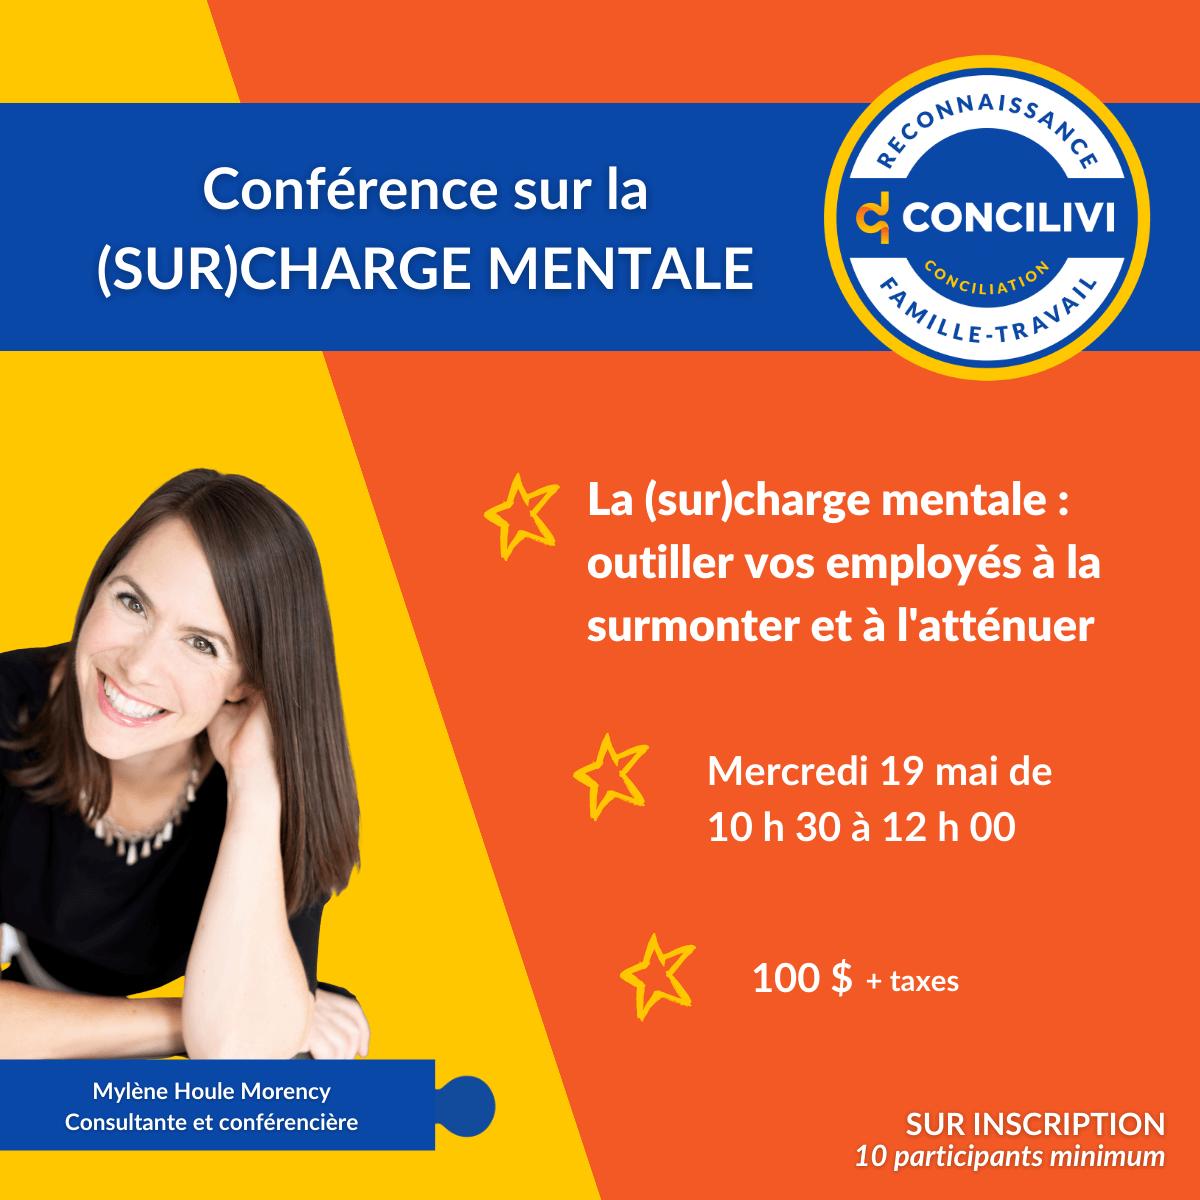 Conférence : La (sur)charge mentale - Outiller vos employés à la surmonter et l'atténuer